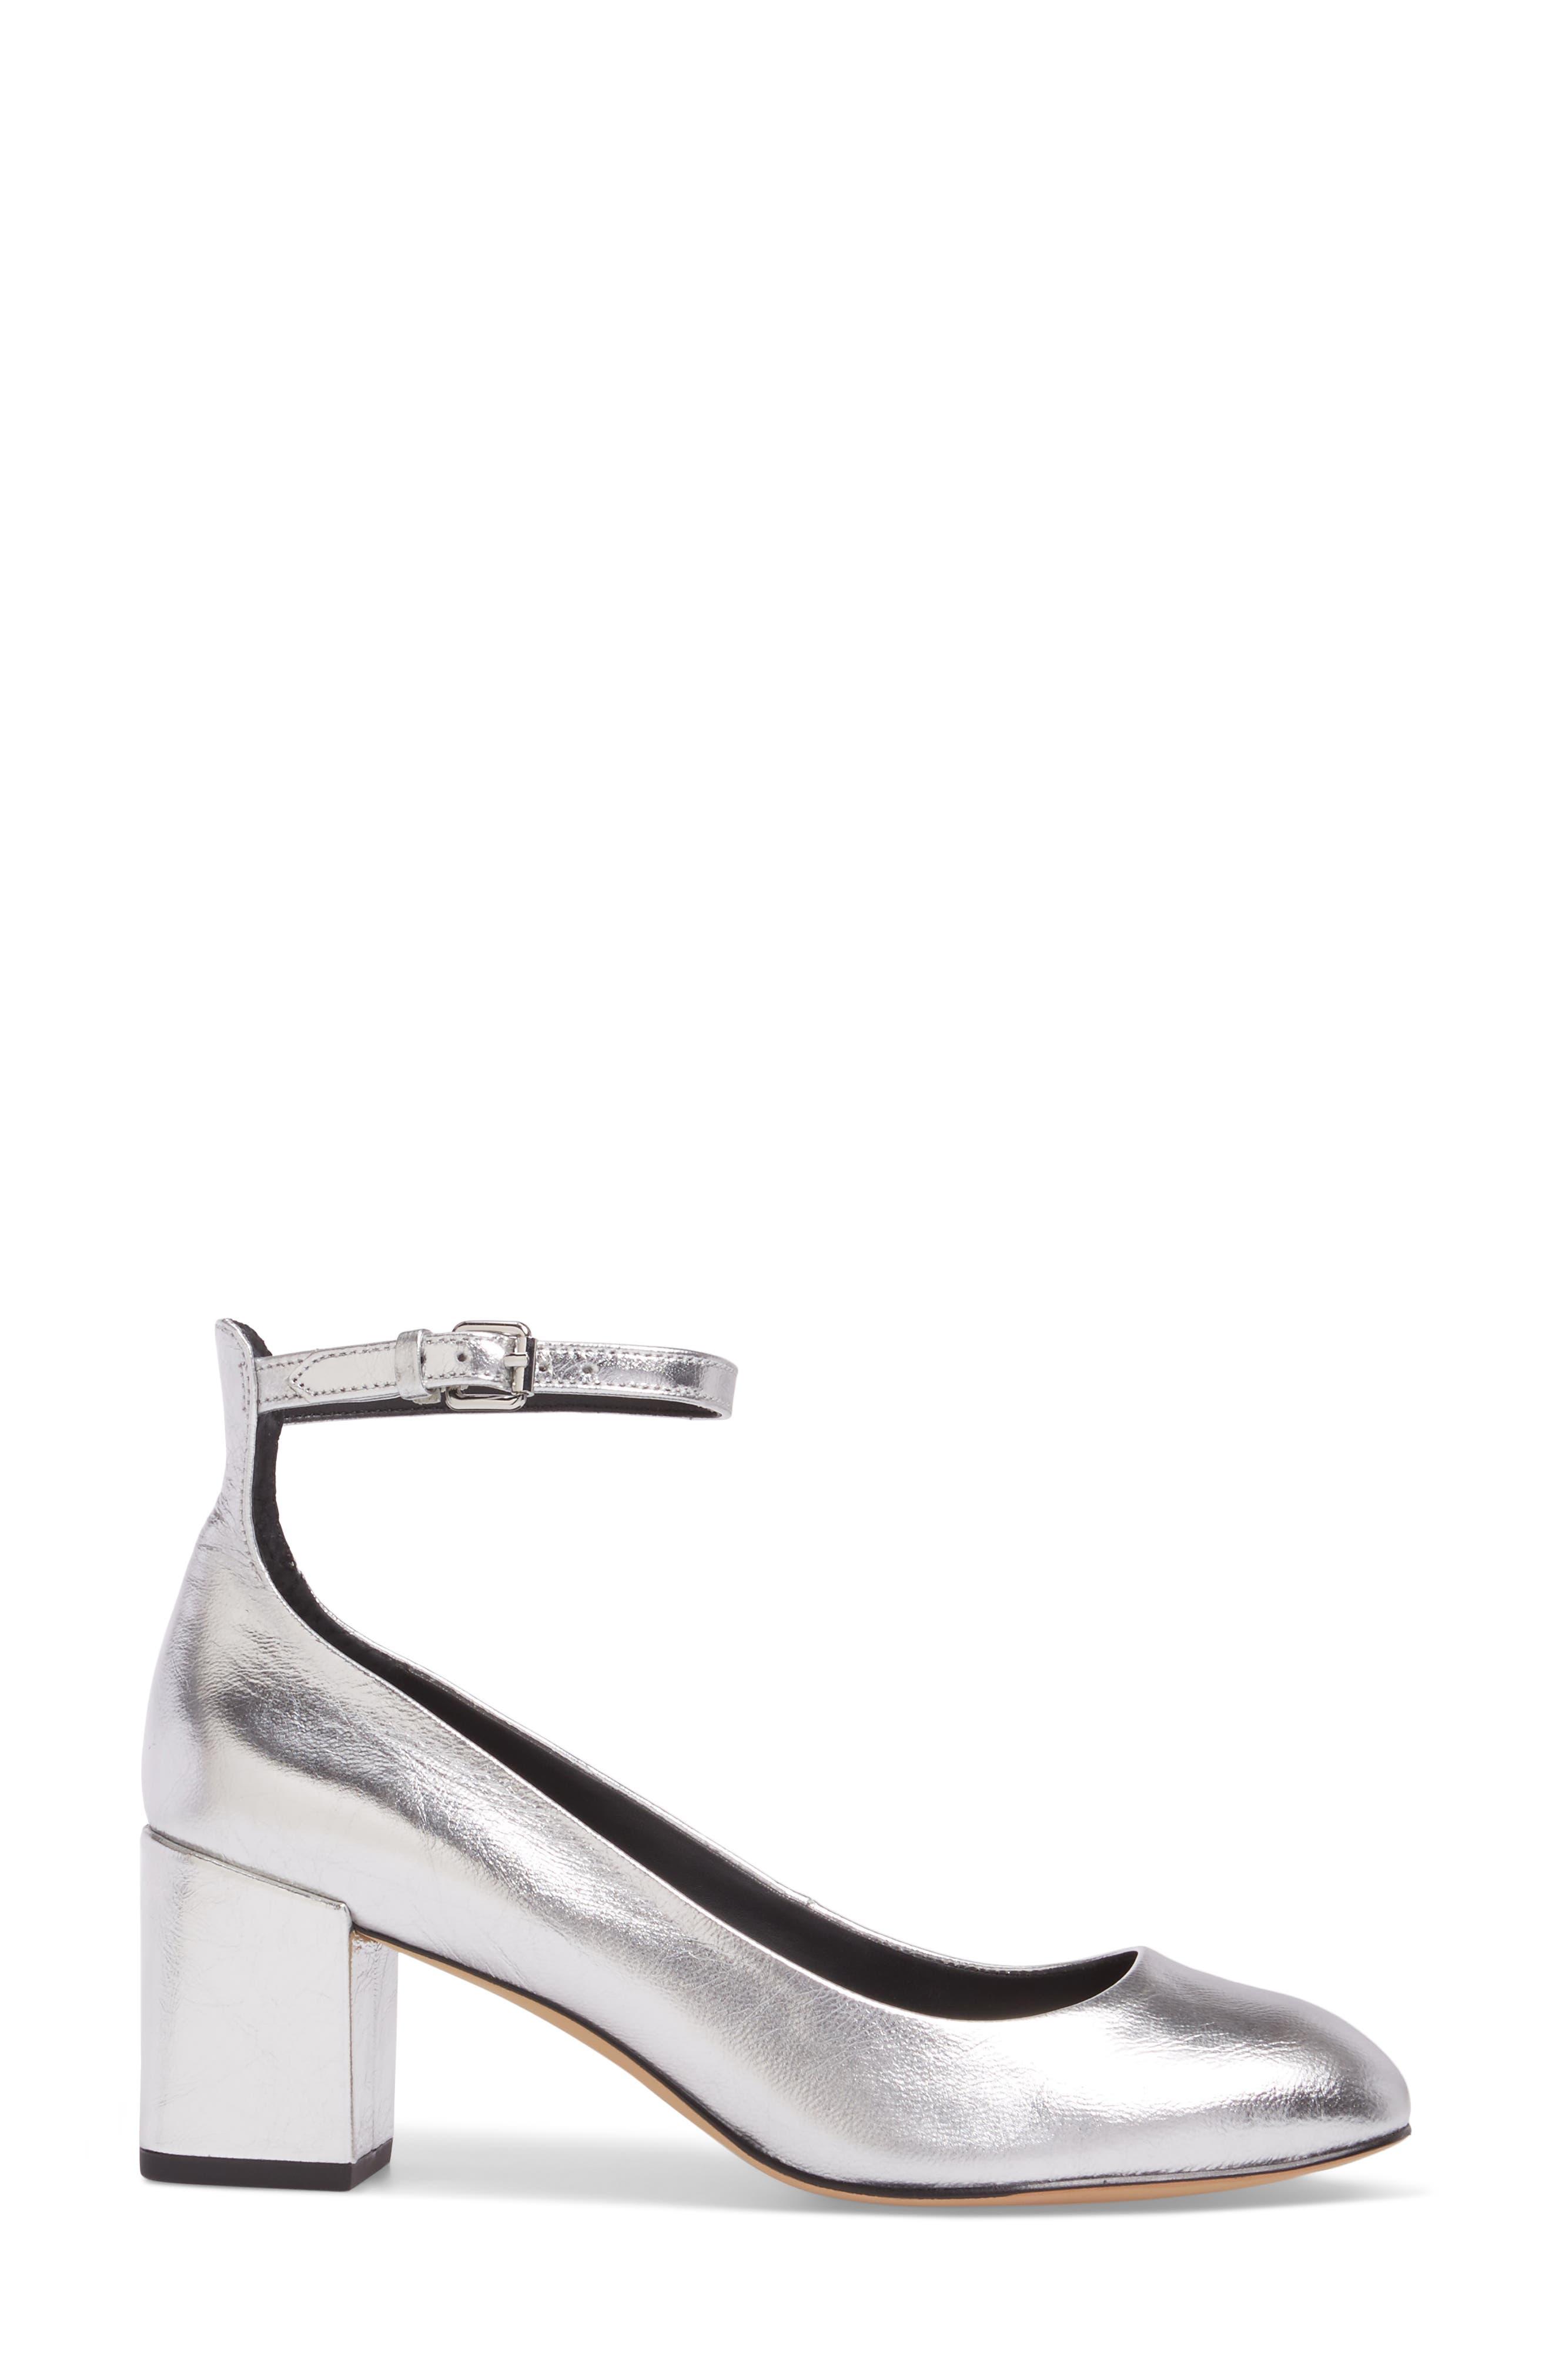 Bridget Ankle Strap Pump,                             Alternate thumbnail 3, color,                             Silver Leather